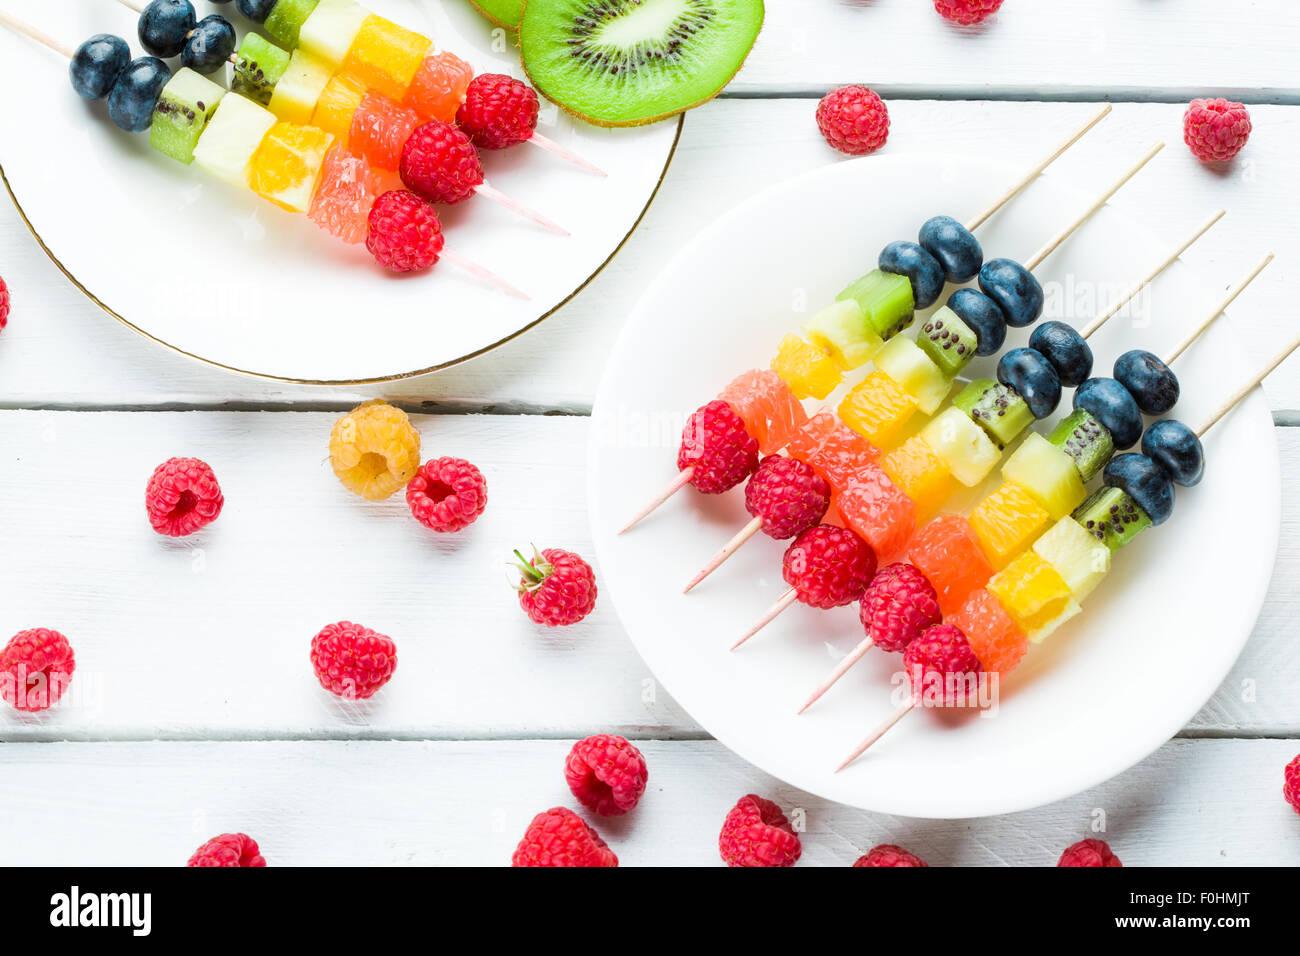 Fruits d'été frais sur des bâtons Photo Stock